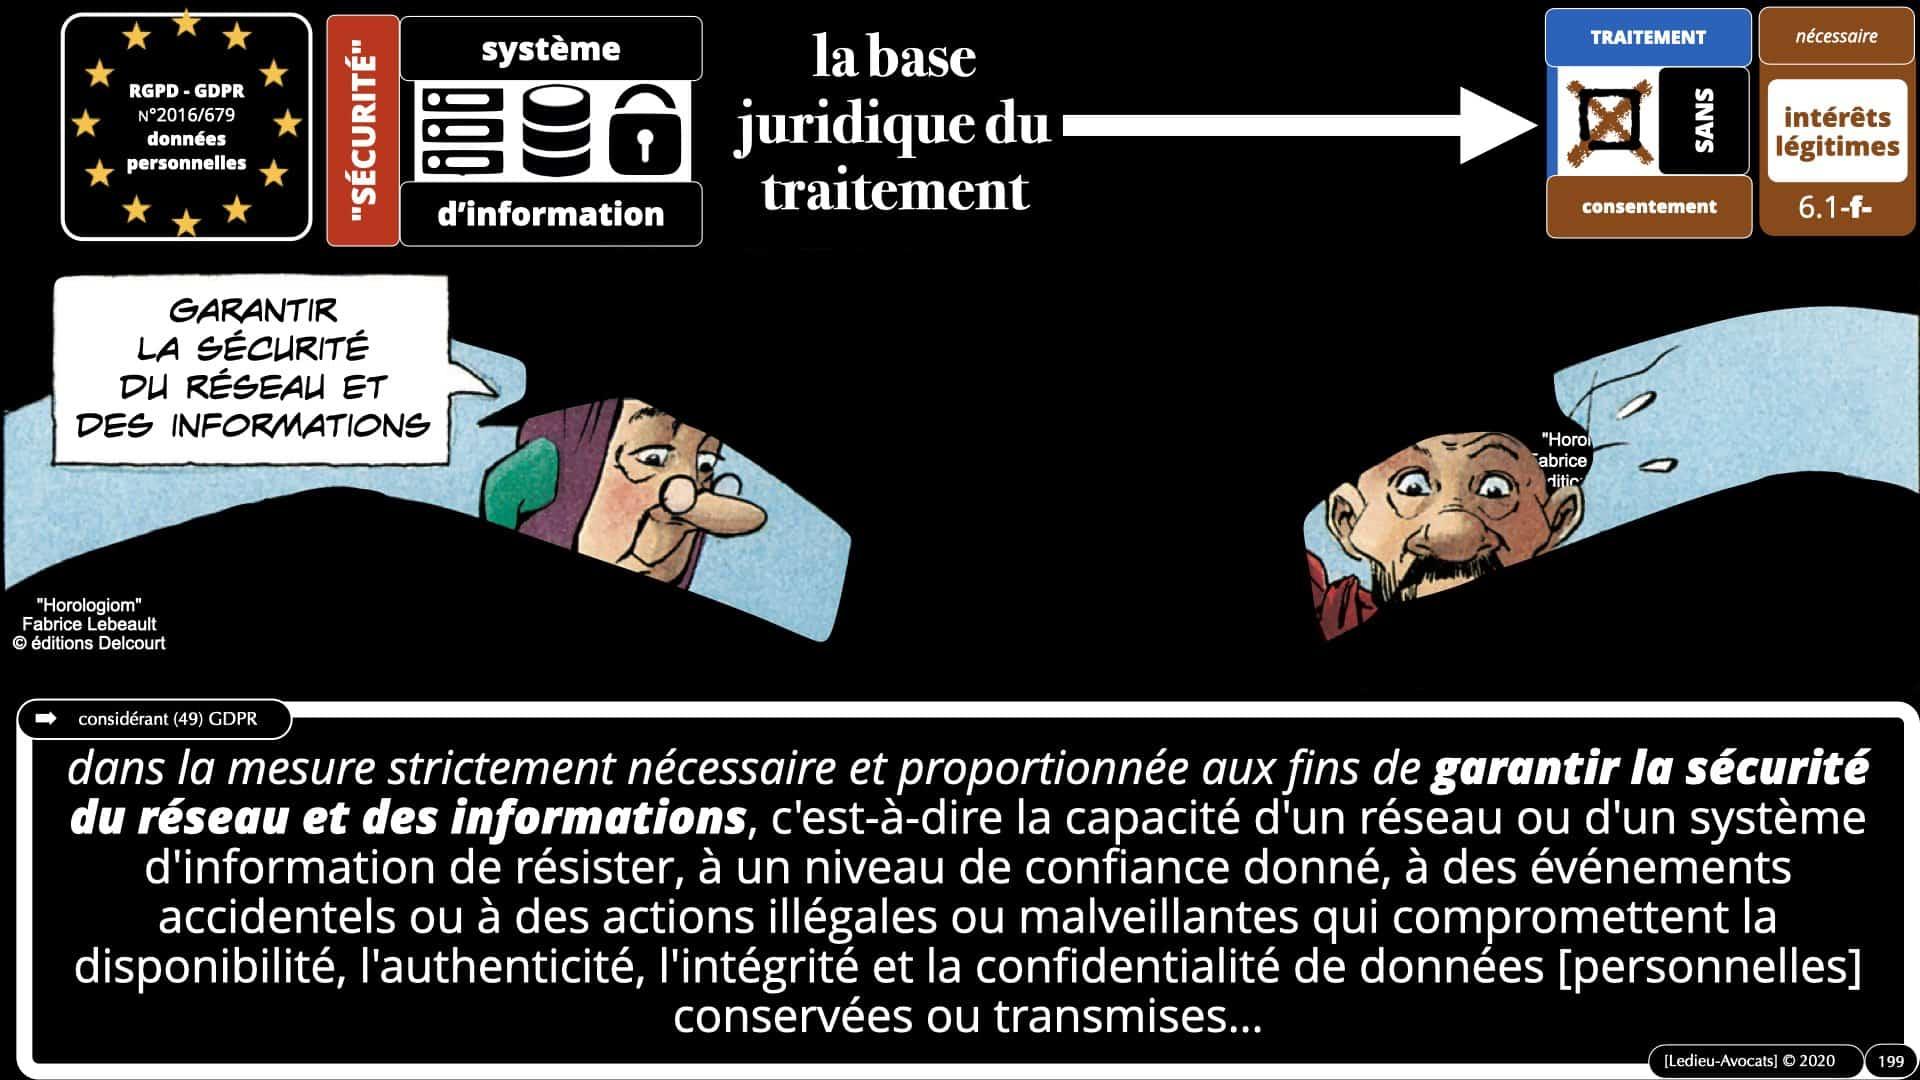 RGPD e-Privacy données personnelles jurisprudence formation Lamy Les Echos 10-02-2021 ©Ledieu-Avocats.199